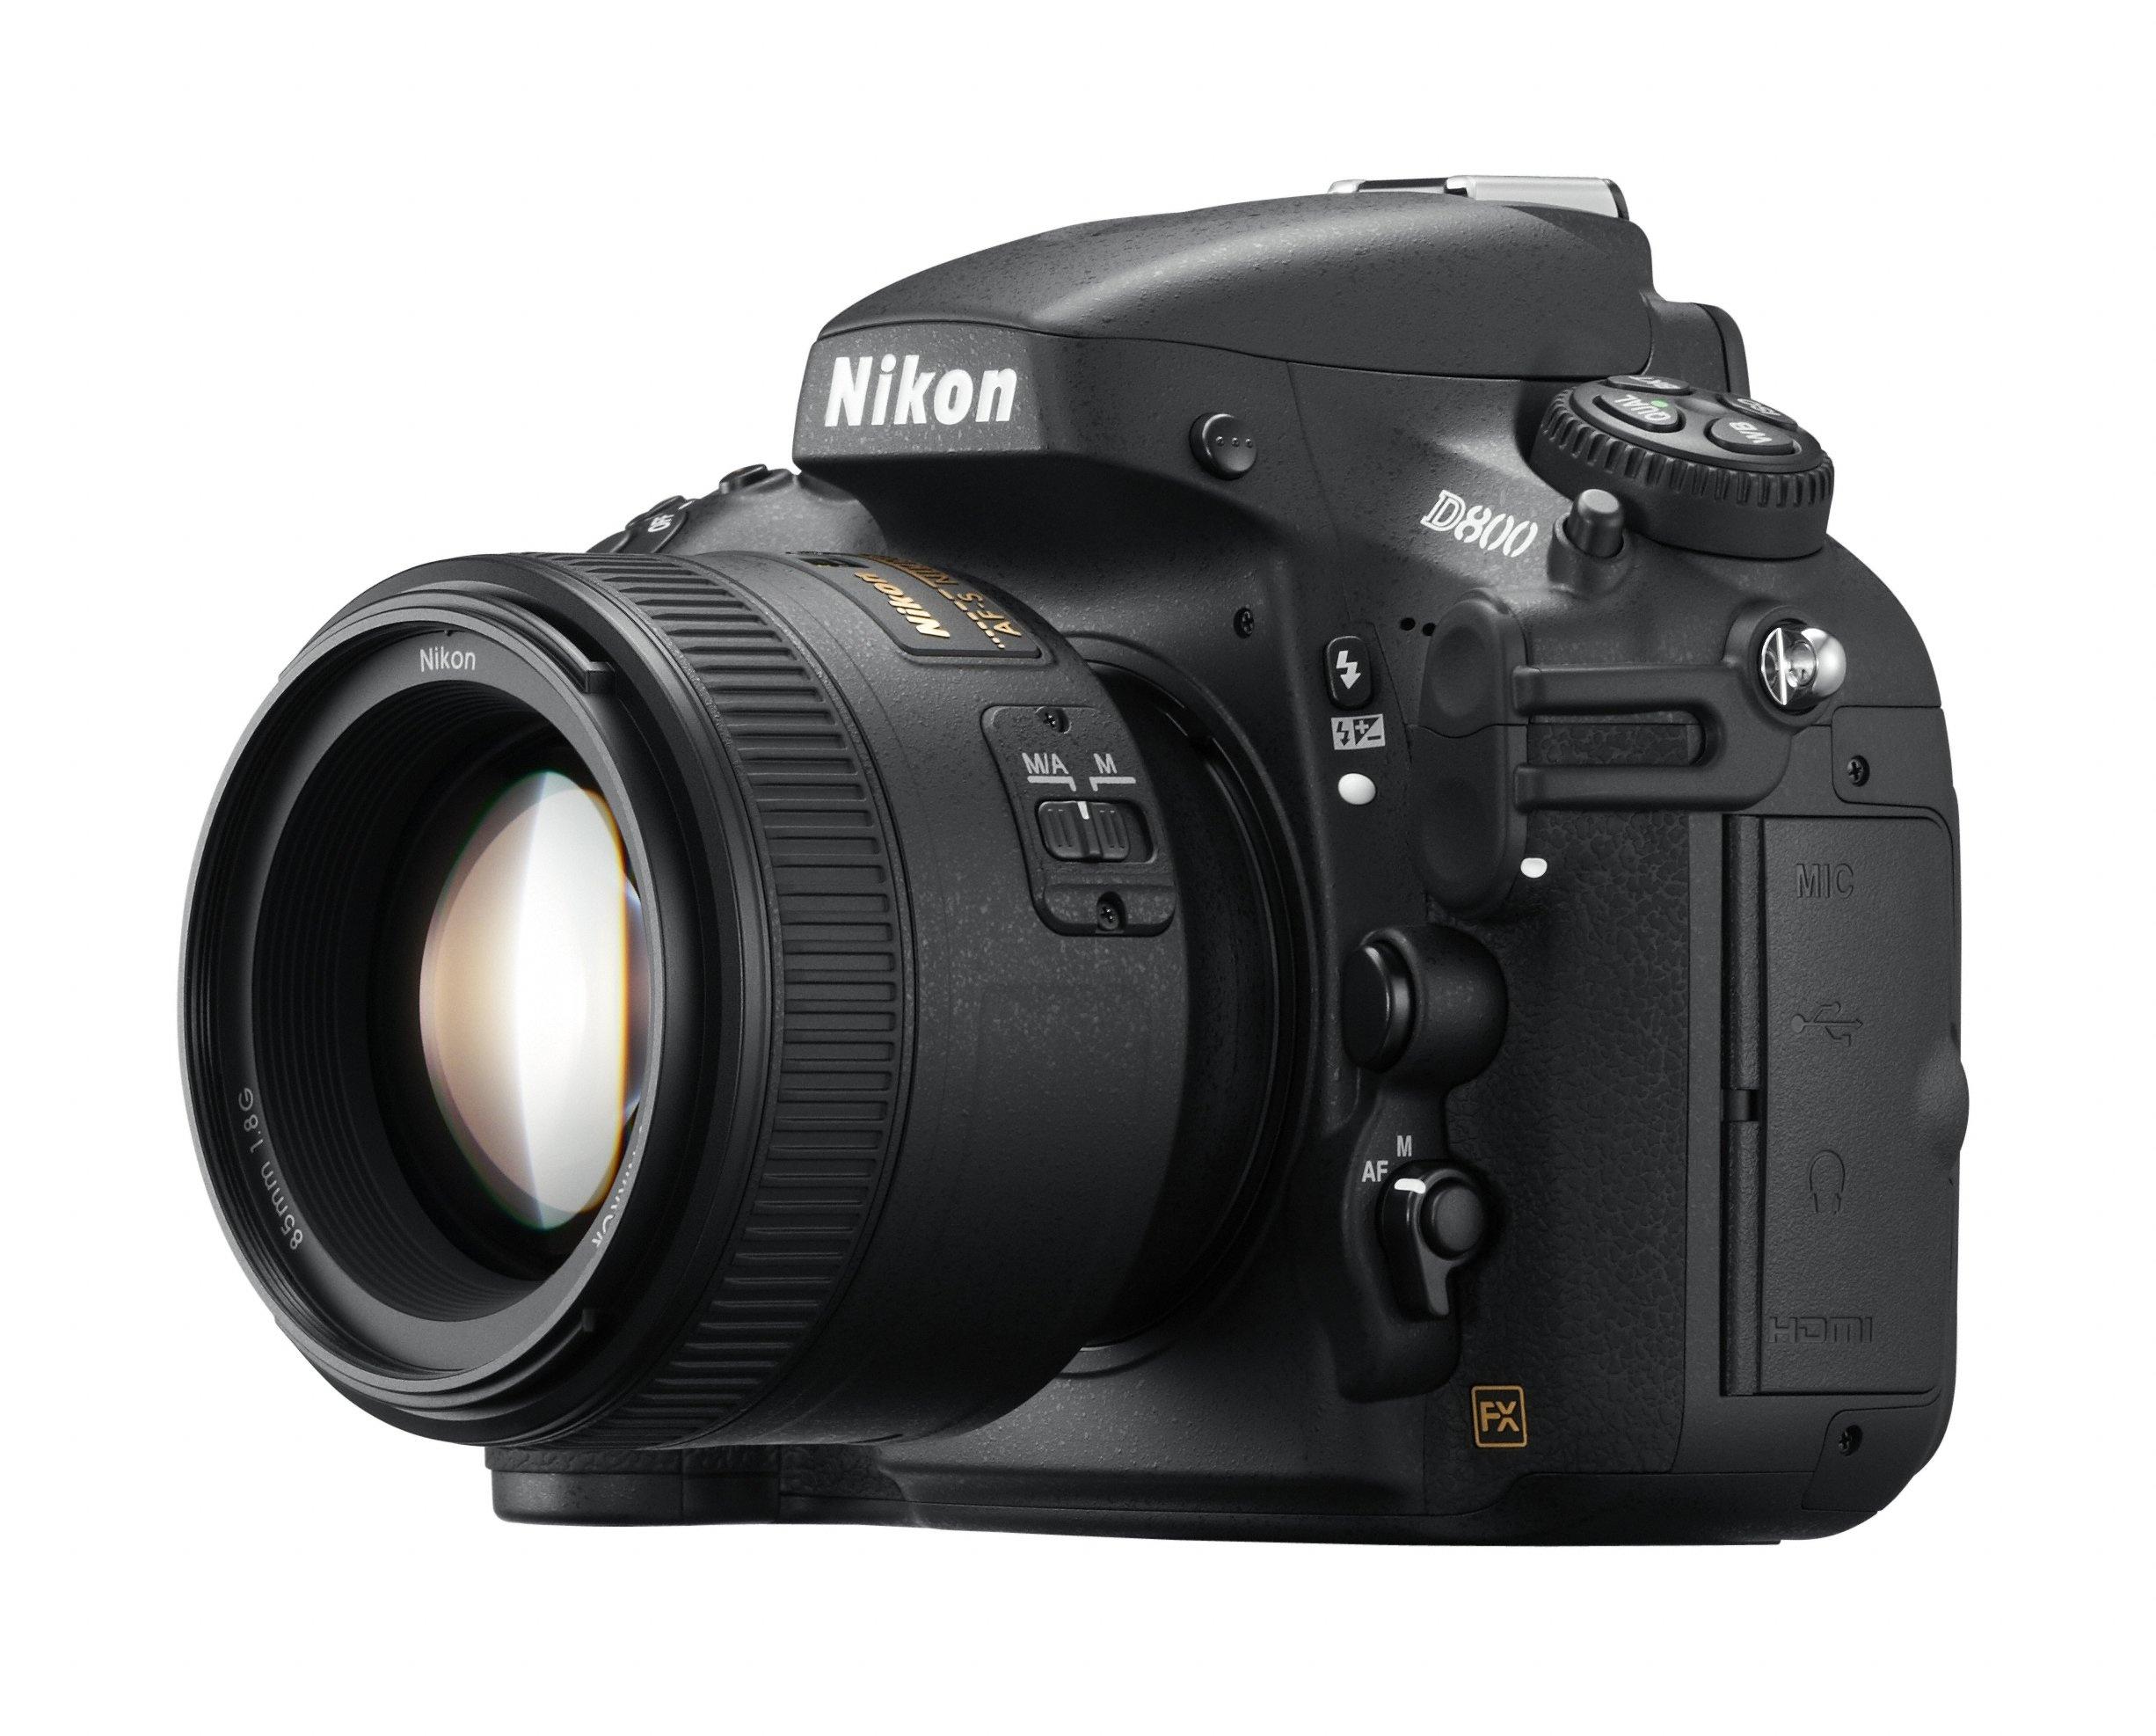 Nikon d800 coupons